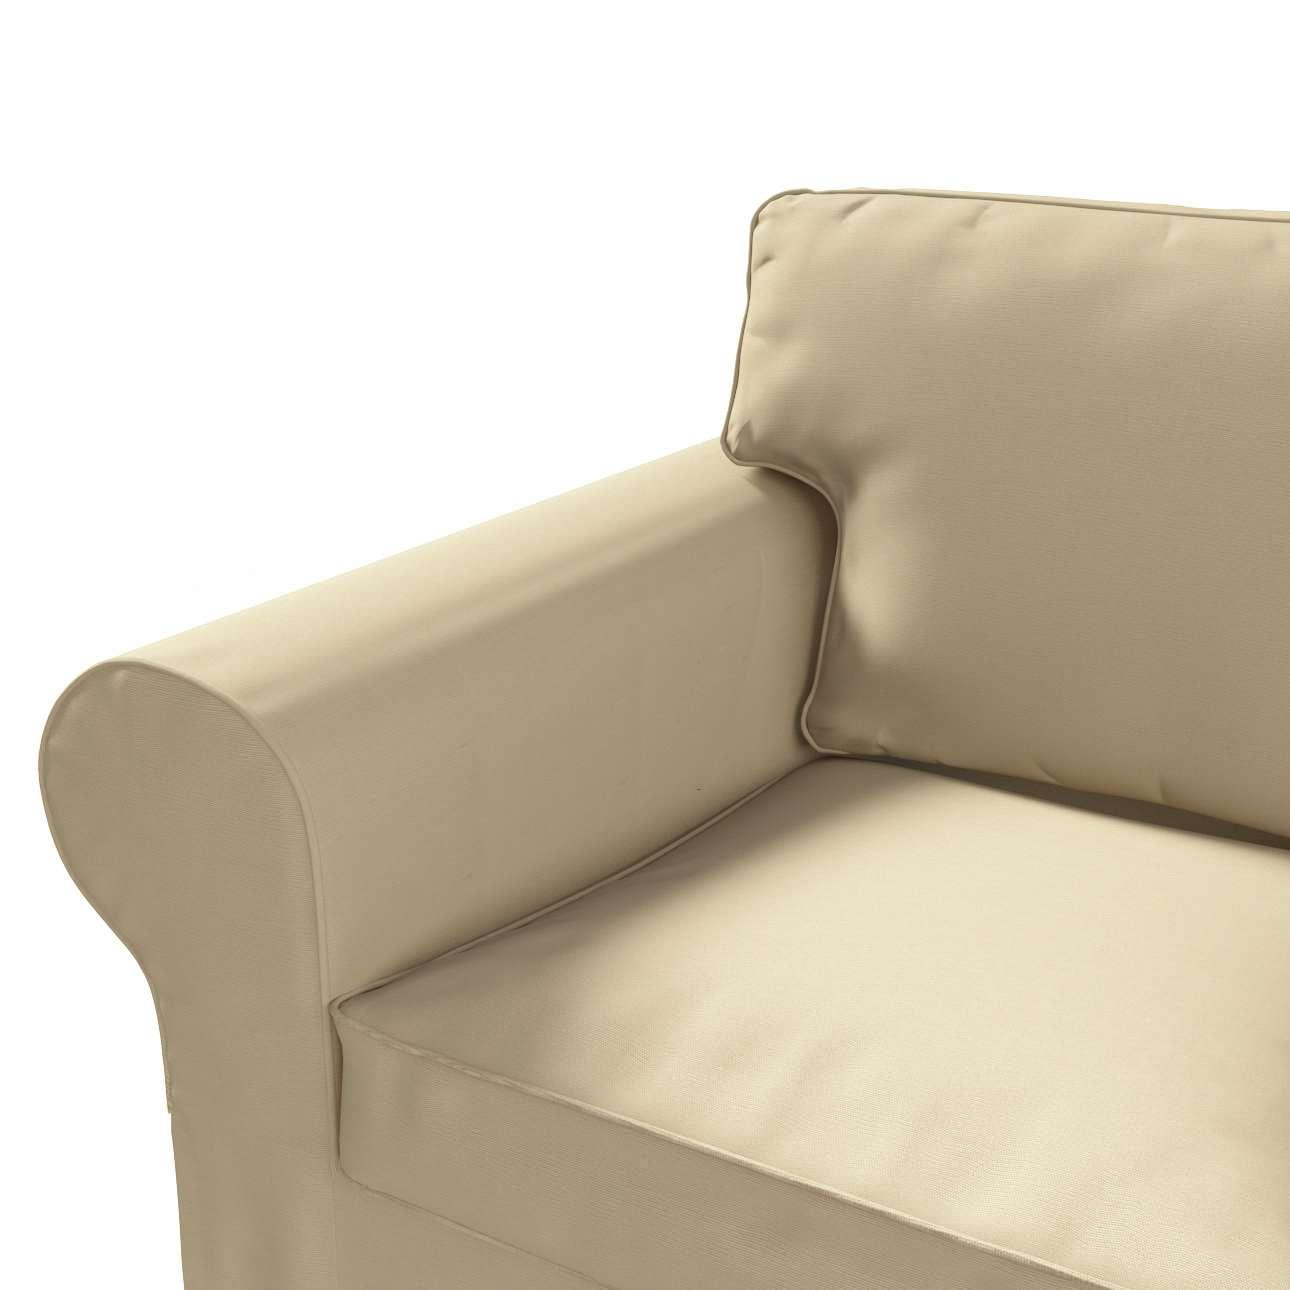 Potah na pohovku IKEA Ektorp 2-místná rozkládací  NOVÝ MODEL 2012 v kolekci Cotton Panama, látka: 702-01